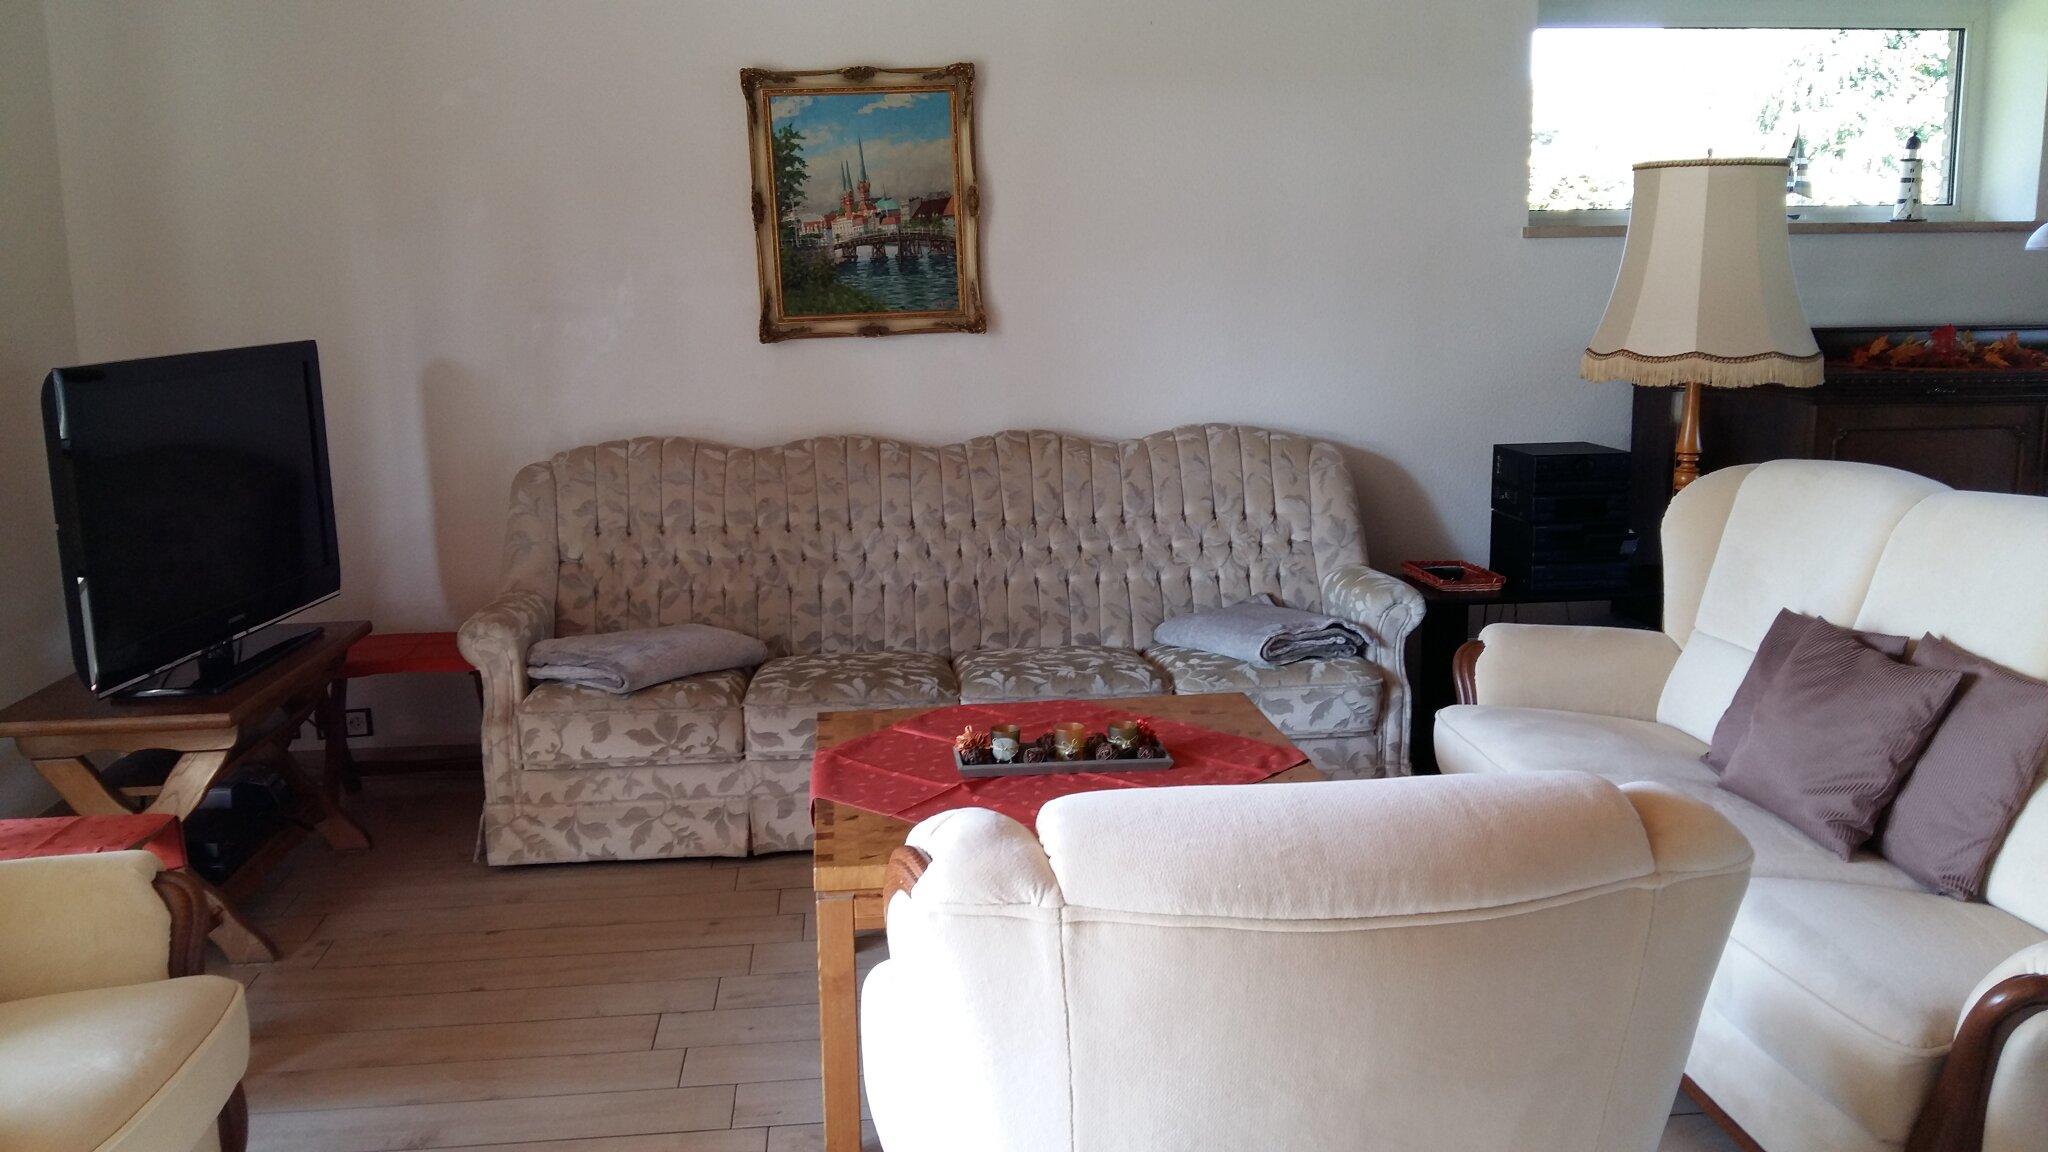 Schlafzimmer im Souterrain, Sitzgruppe